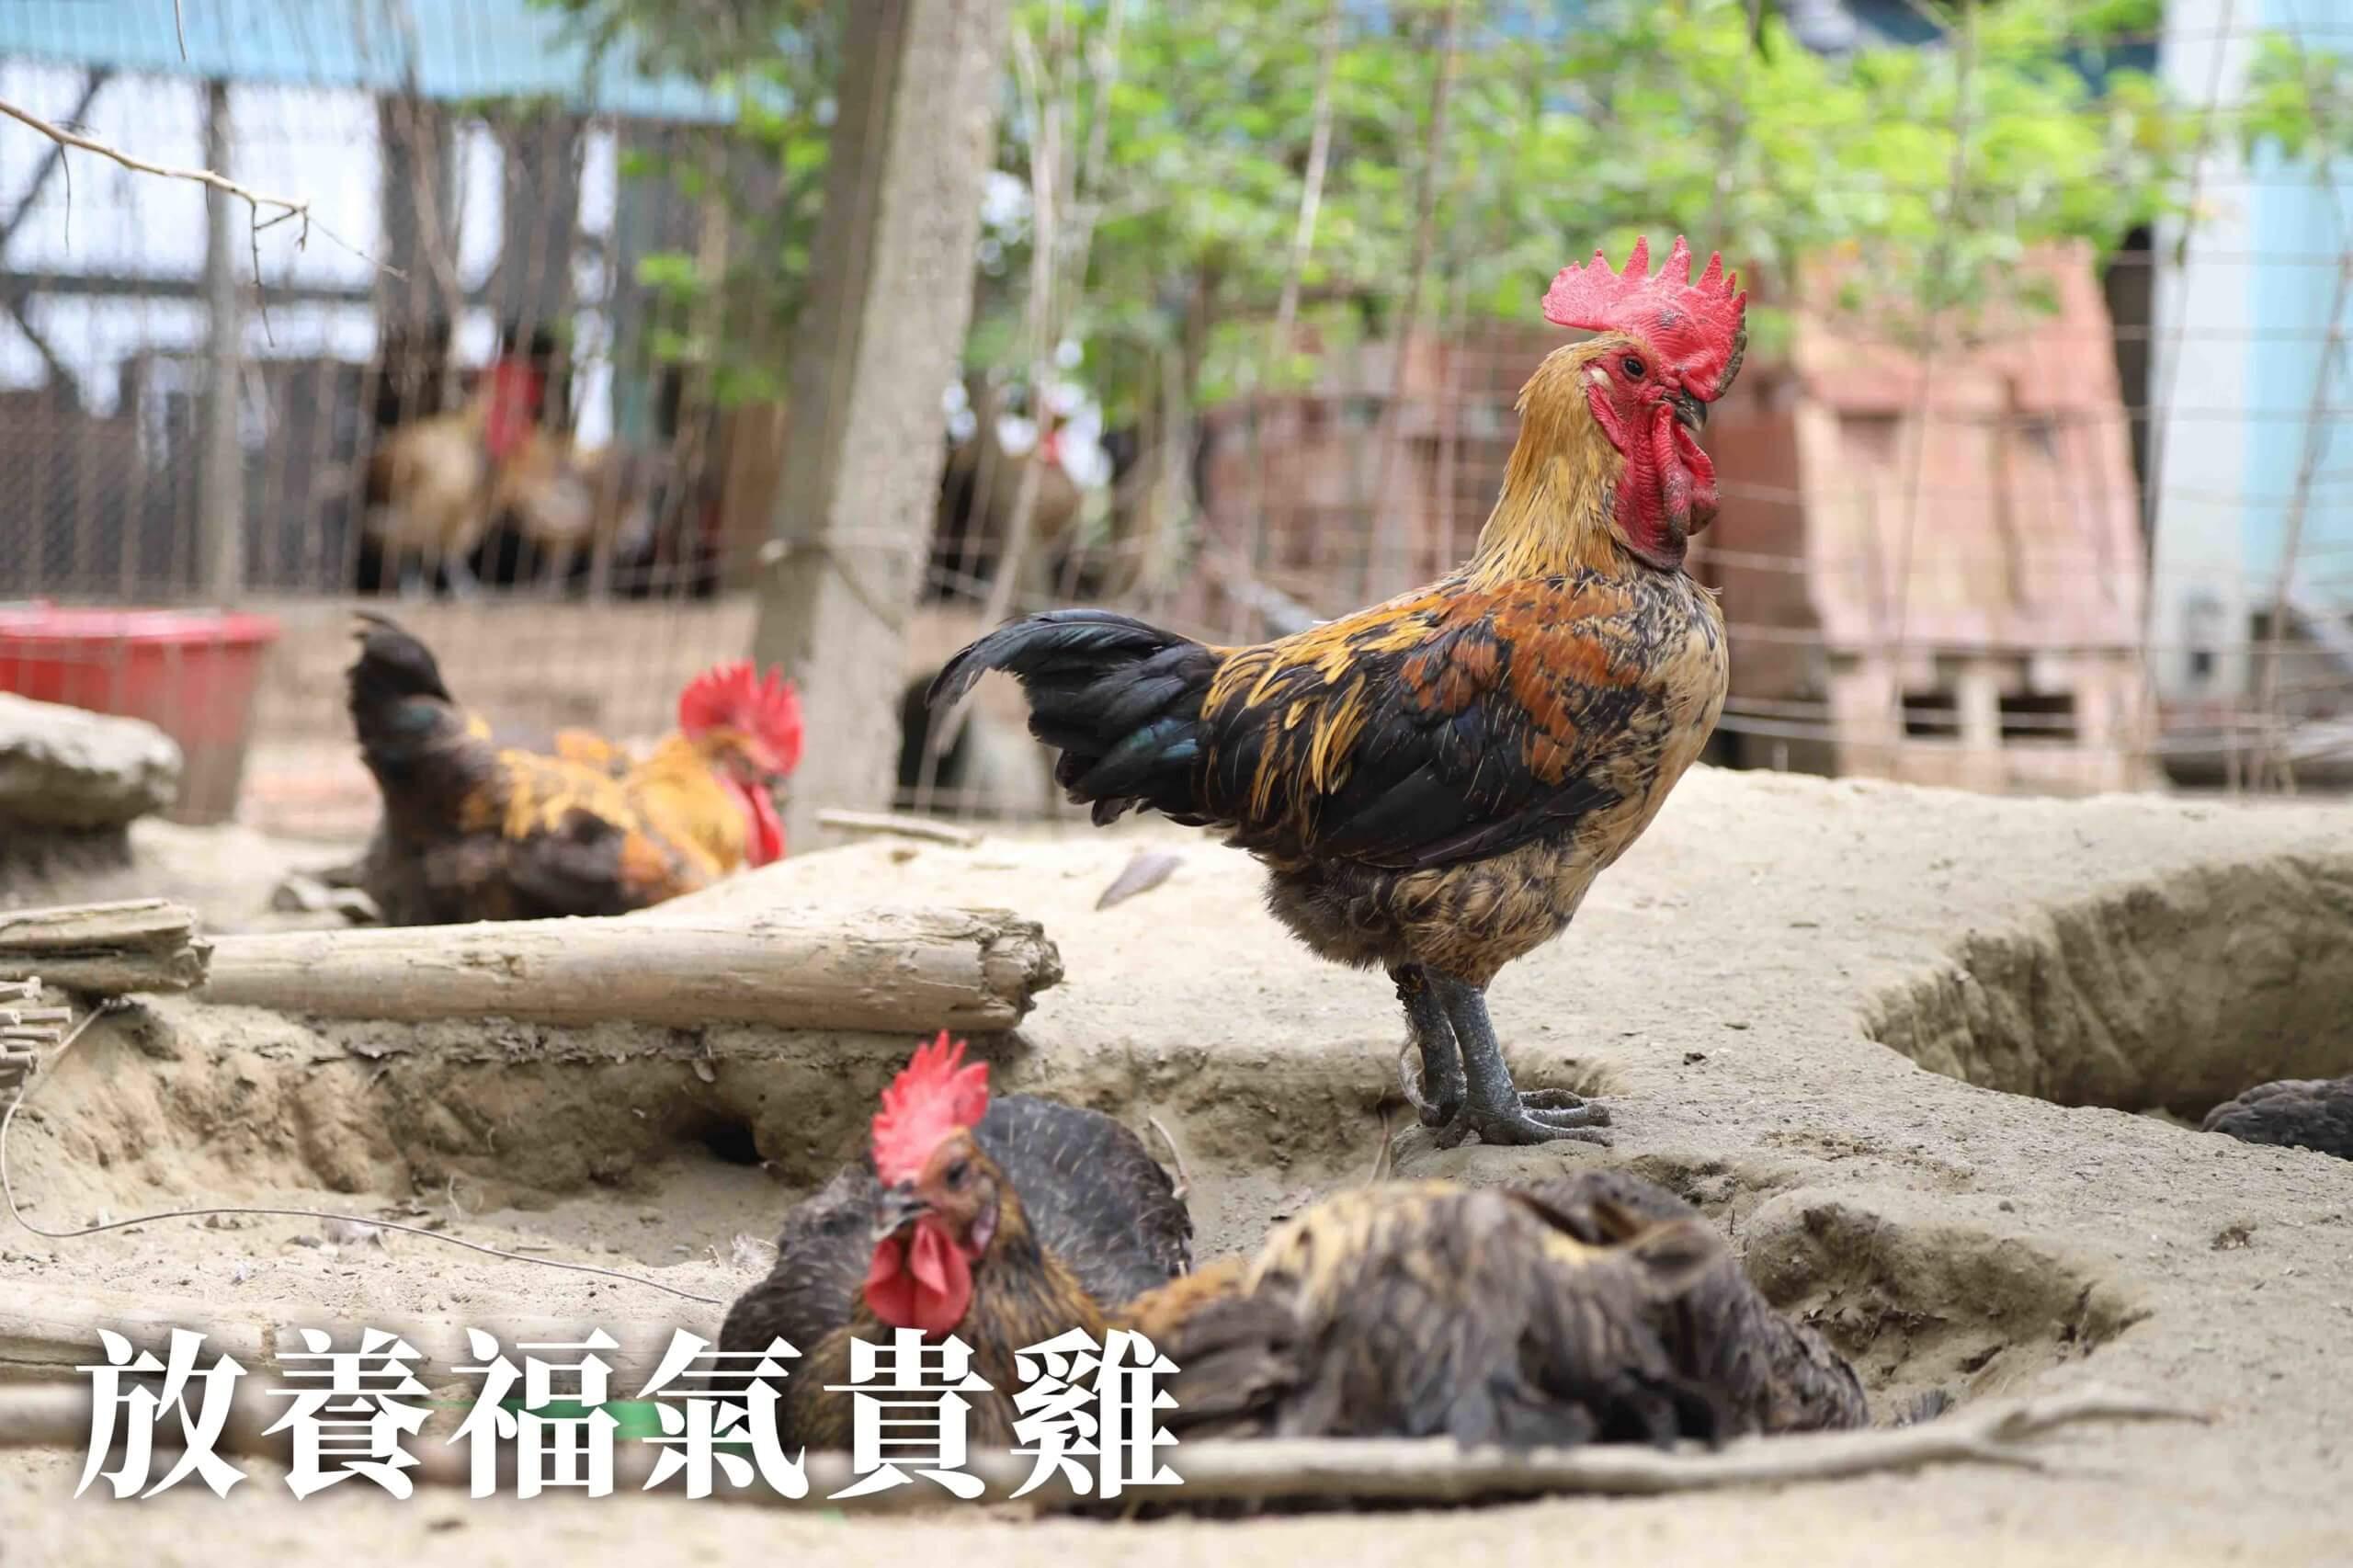 農場晃晃 - 亞麻籽雞